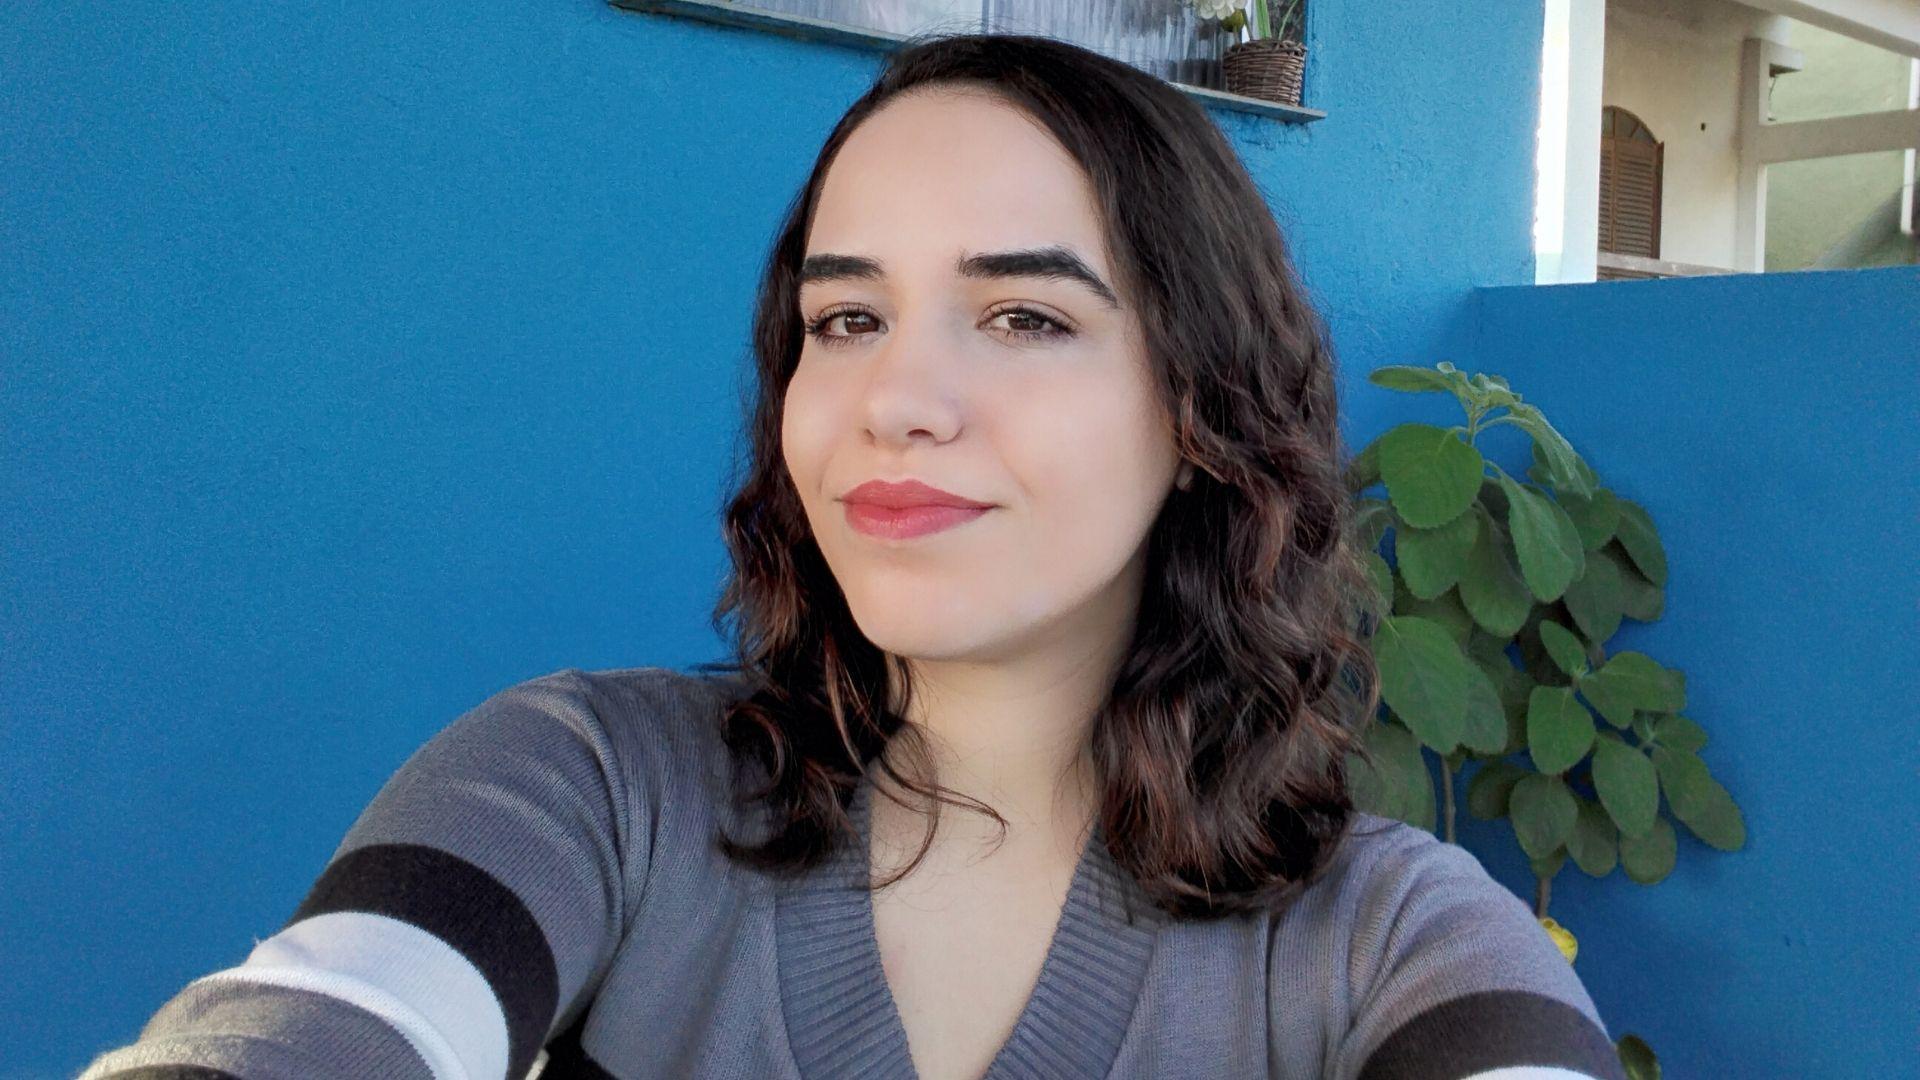 Selfie de mulher com cabelo curto e blusa listrada tirada pelo Galaxy Tab A7